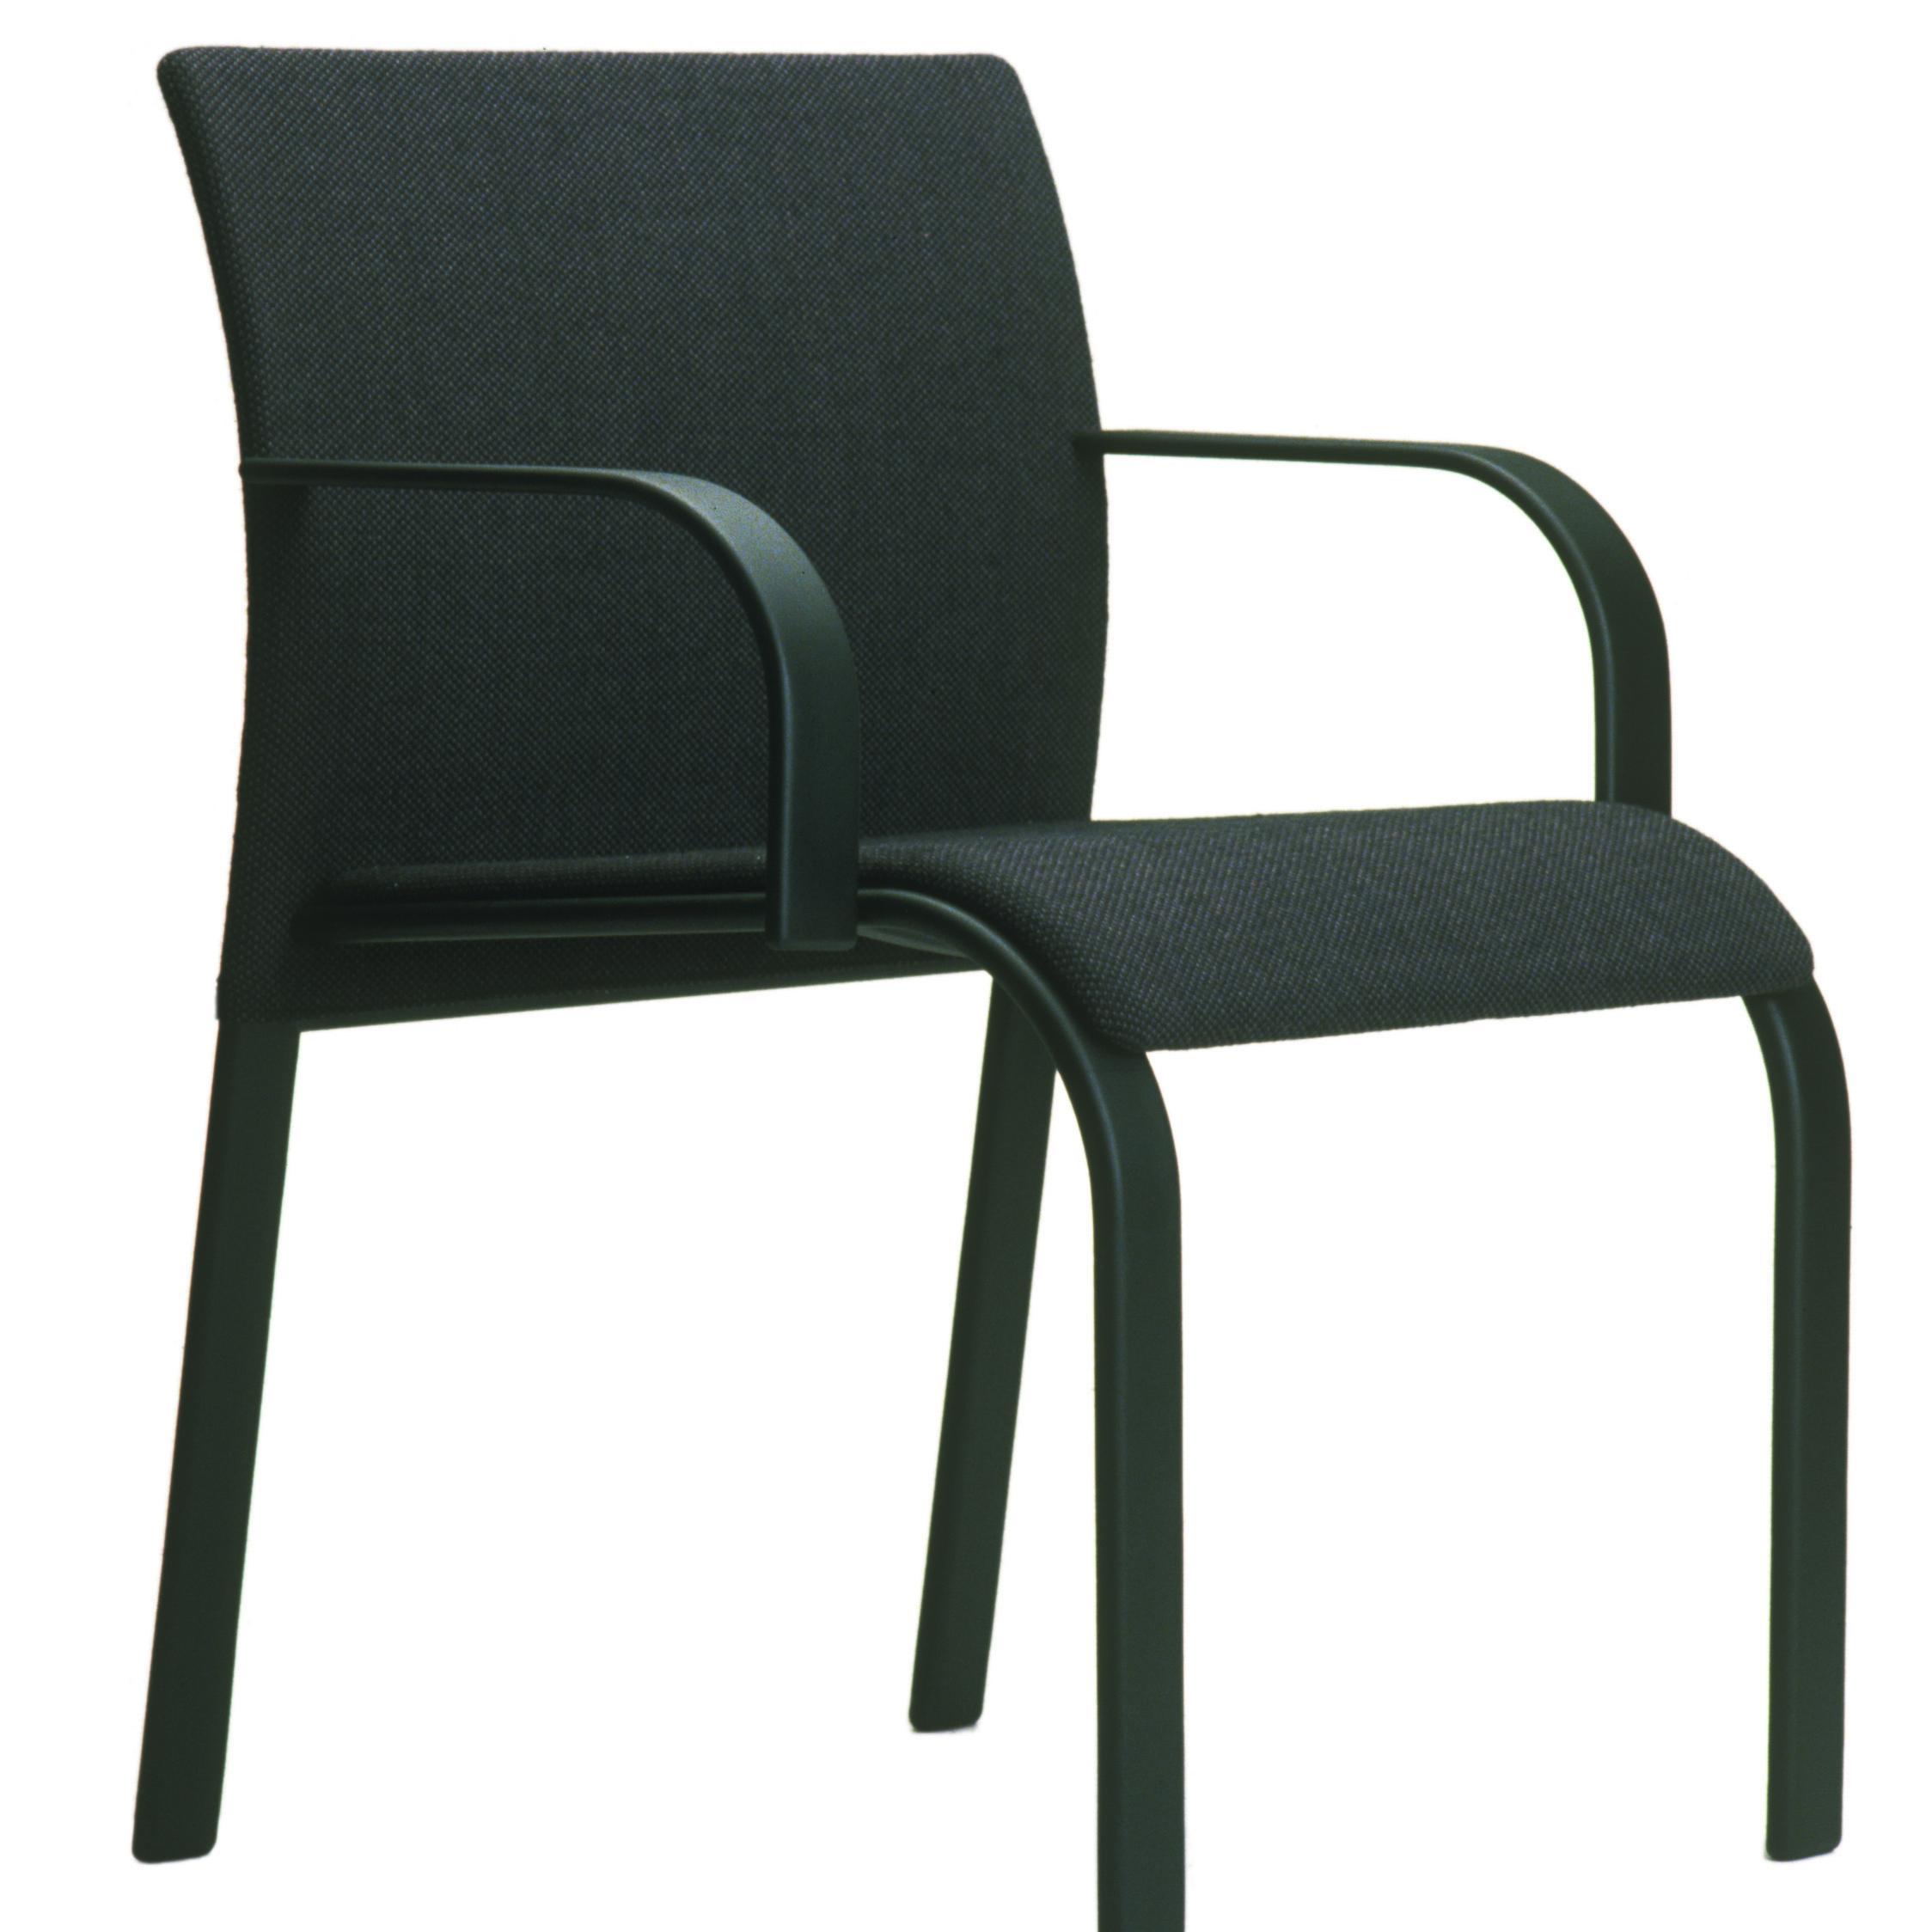 2248x2248 Furniture Michael Mccoy